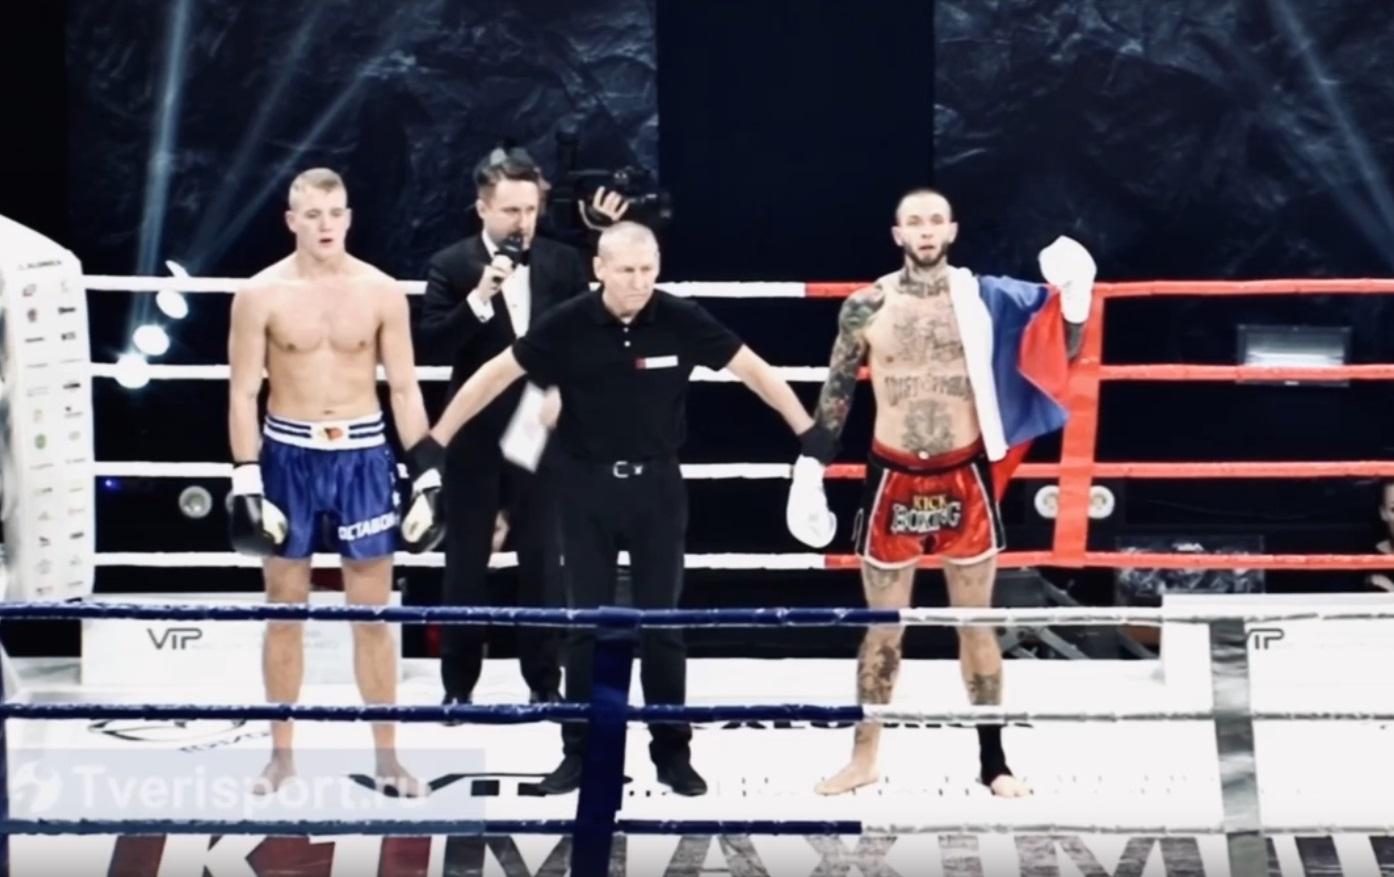 Преподаватель тайского бокса и кикбоксинга выступил против спортсмена из Австрии